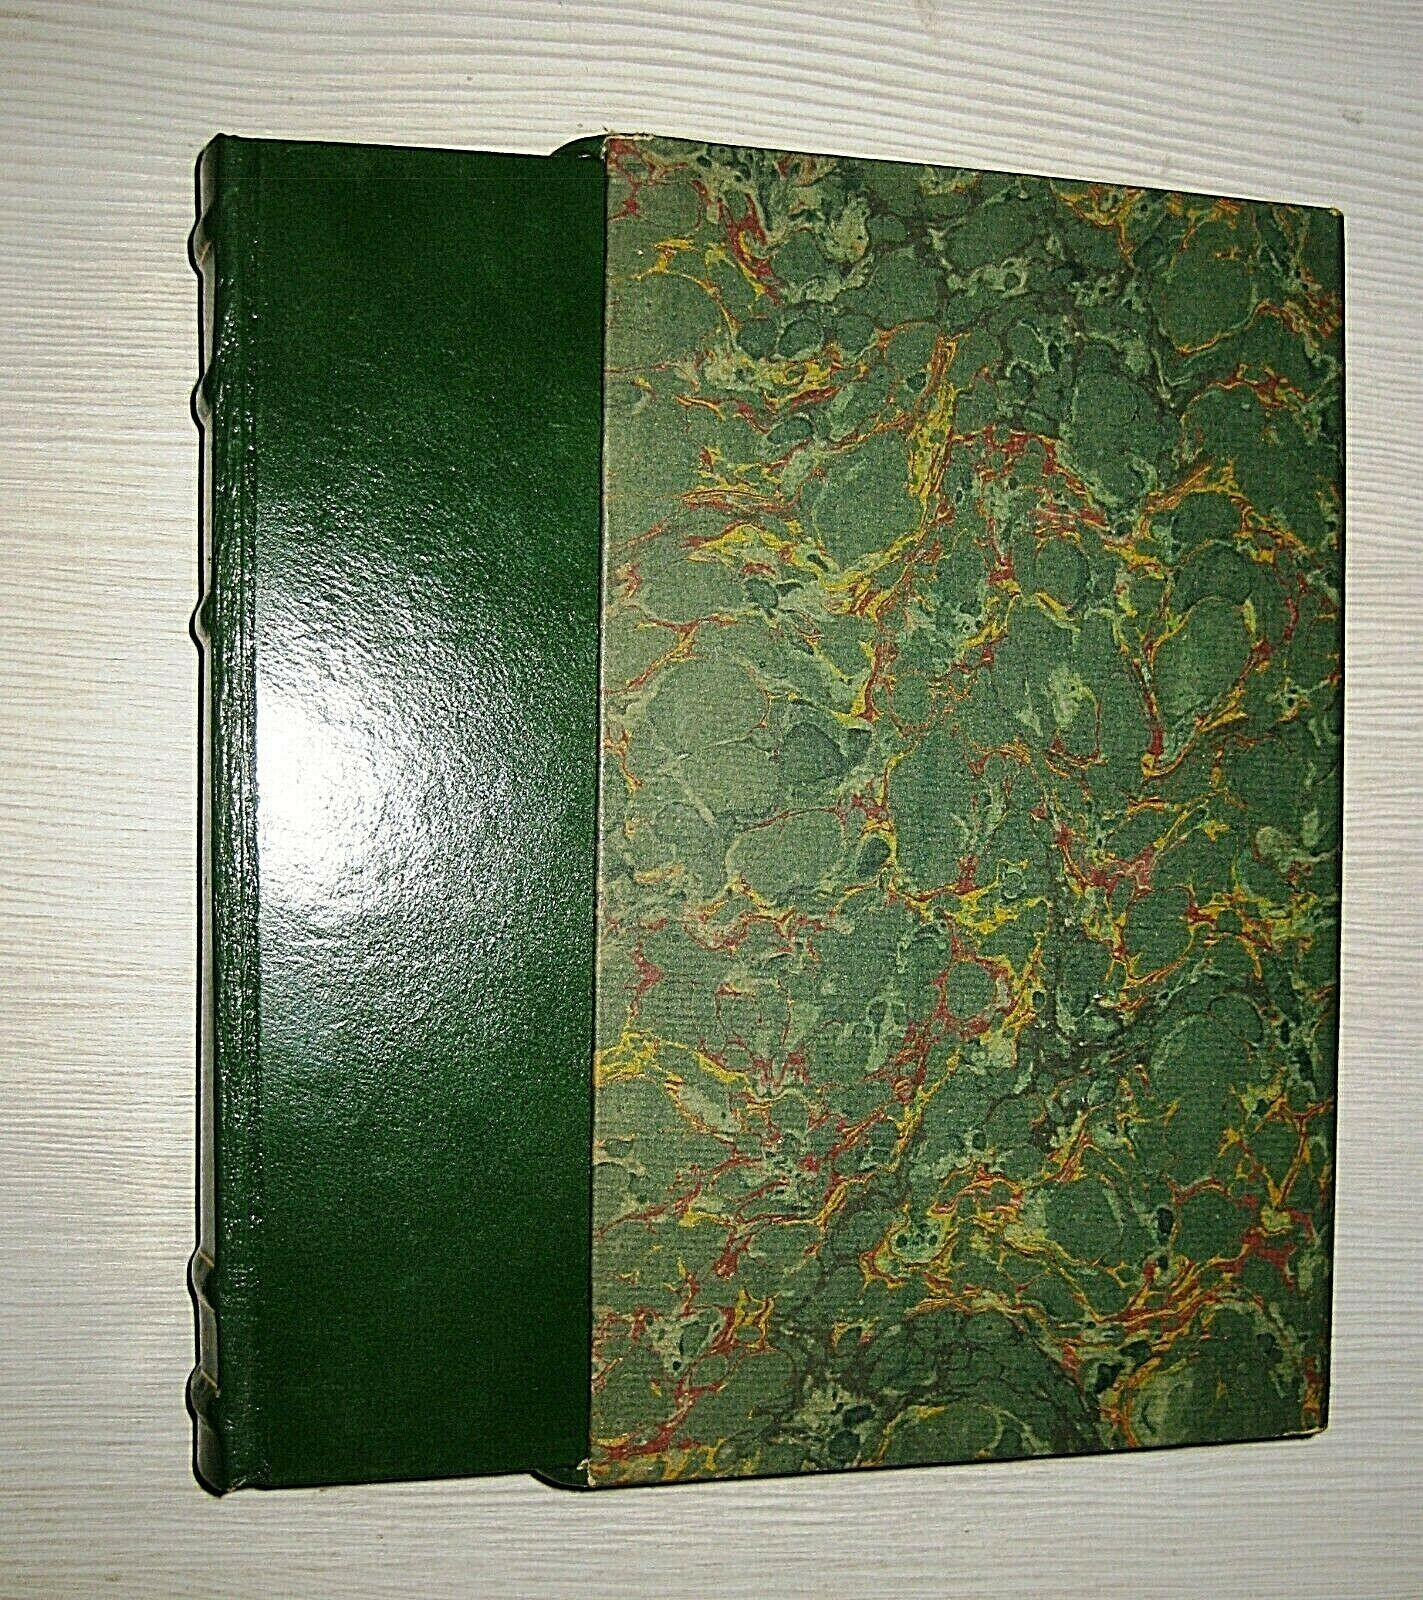 """Una copia del """"Pelle verde"""" del Signore degli anelli"""" di Tolkien vicina alla perfezione!"""